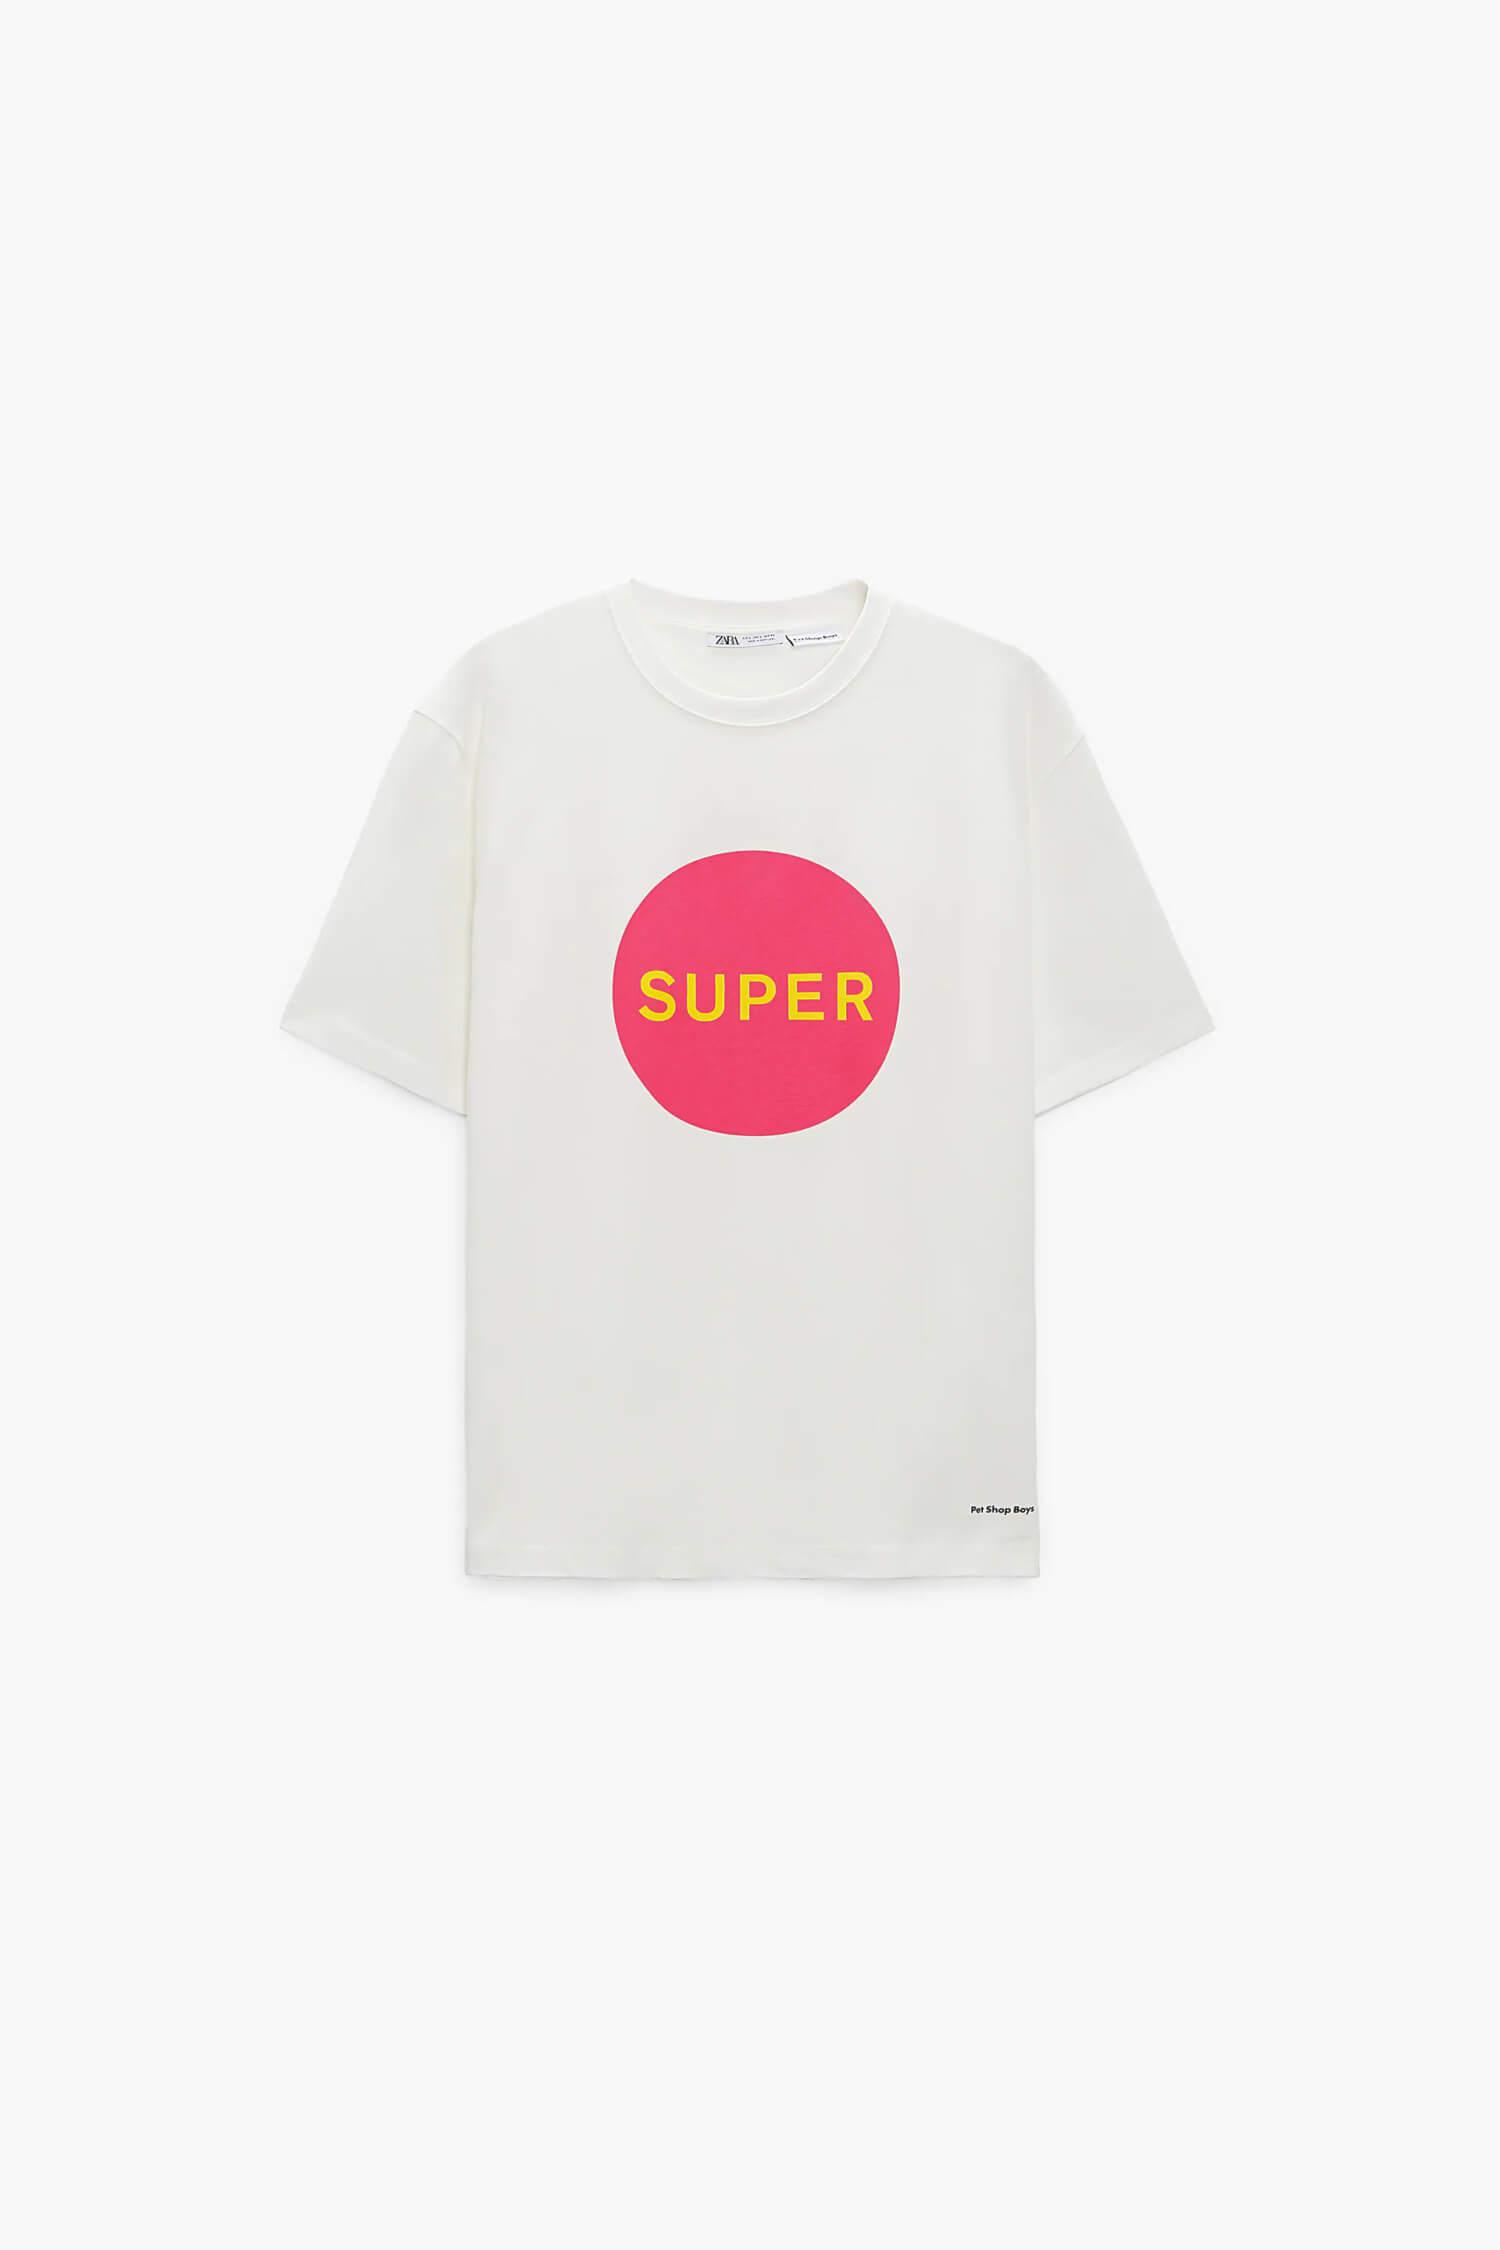 スーパー © PET SHOP BOYS PARTNERSHIP プリントTシャツ